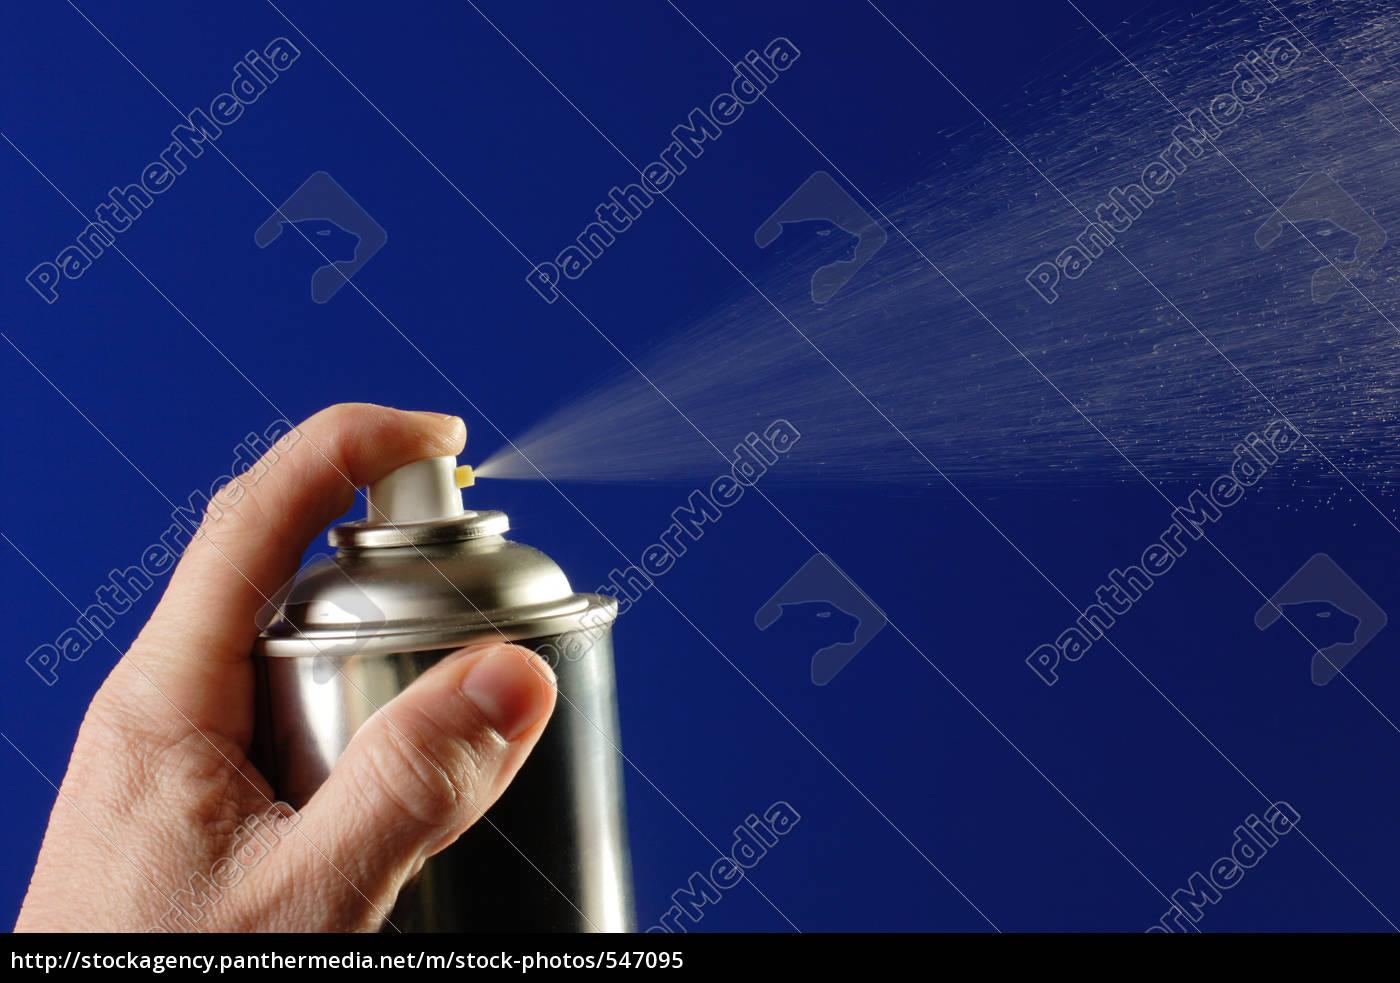 spray - 547095